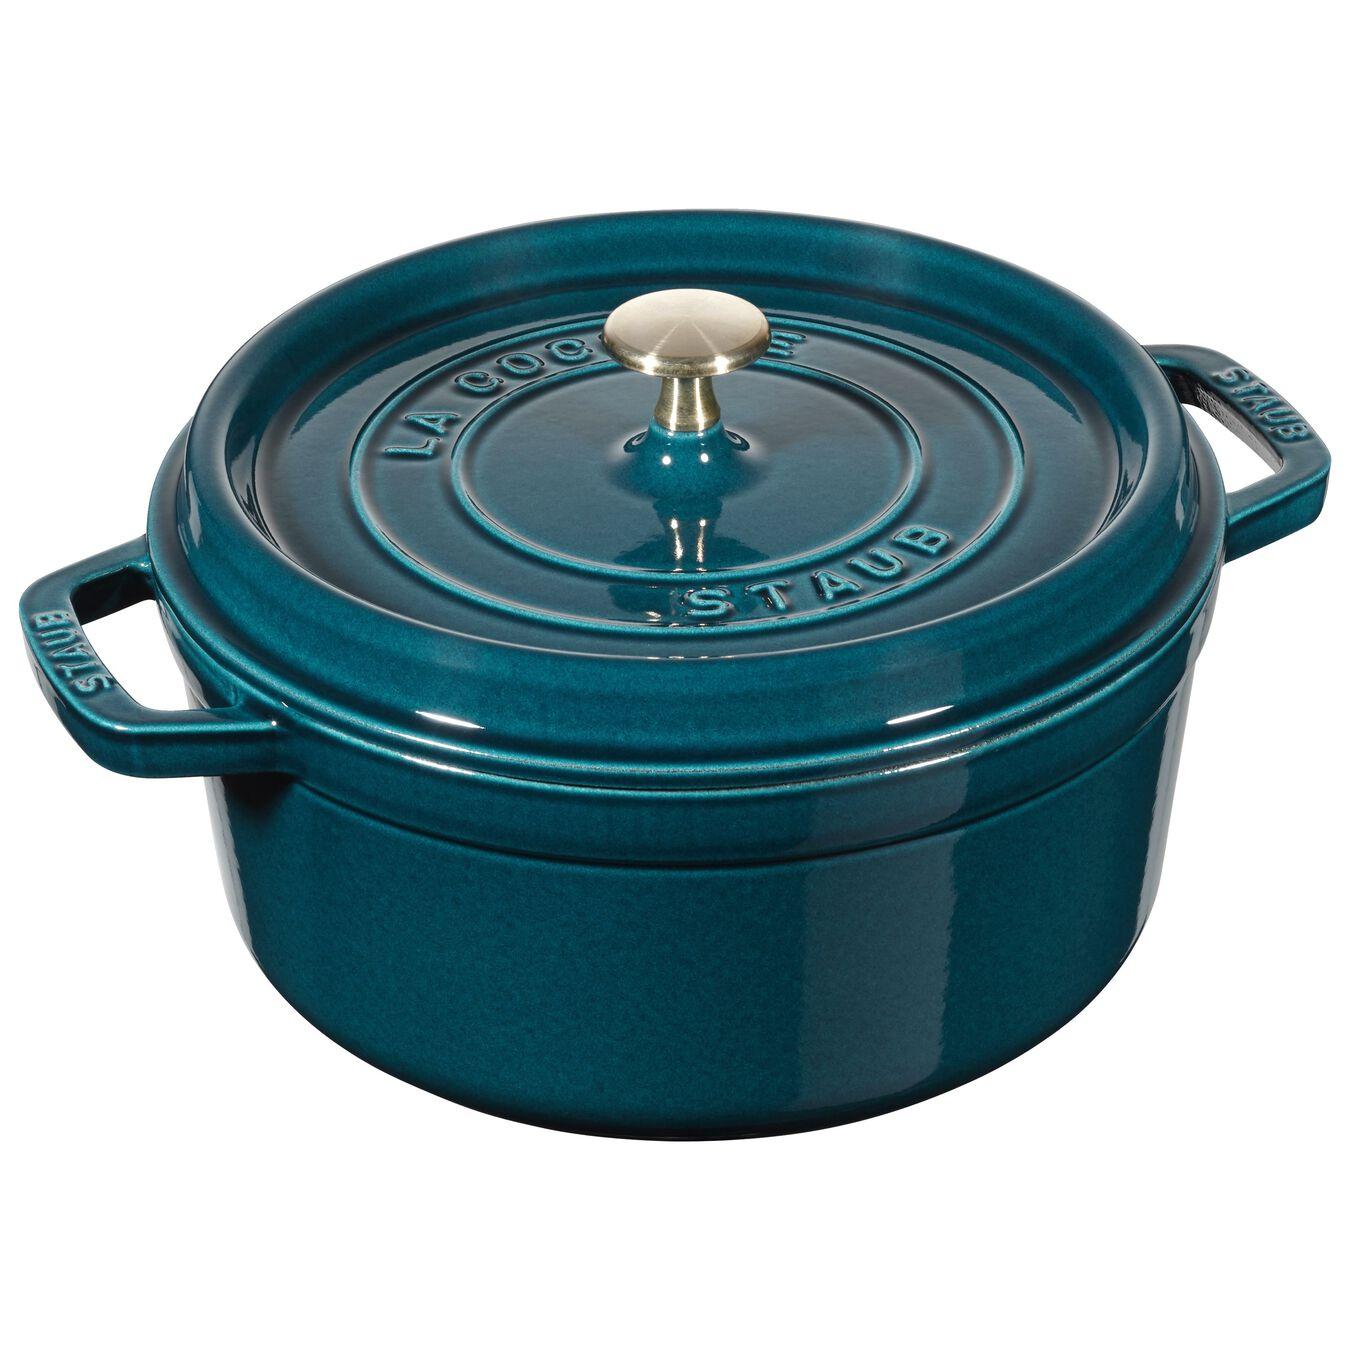 Cocotte en fonte 24 cm / 3,8 l, Rond, Blue La-Mer,,large 7